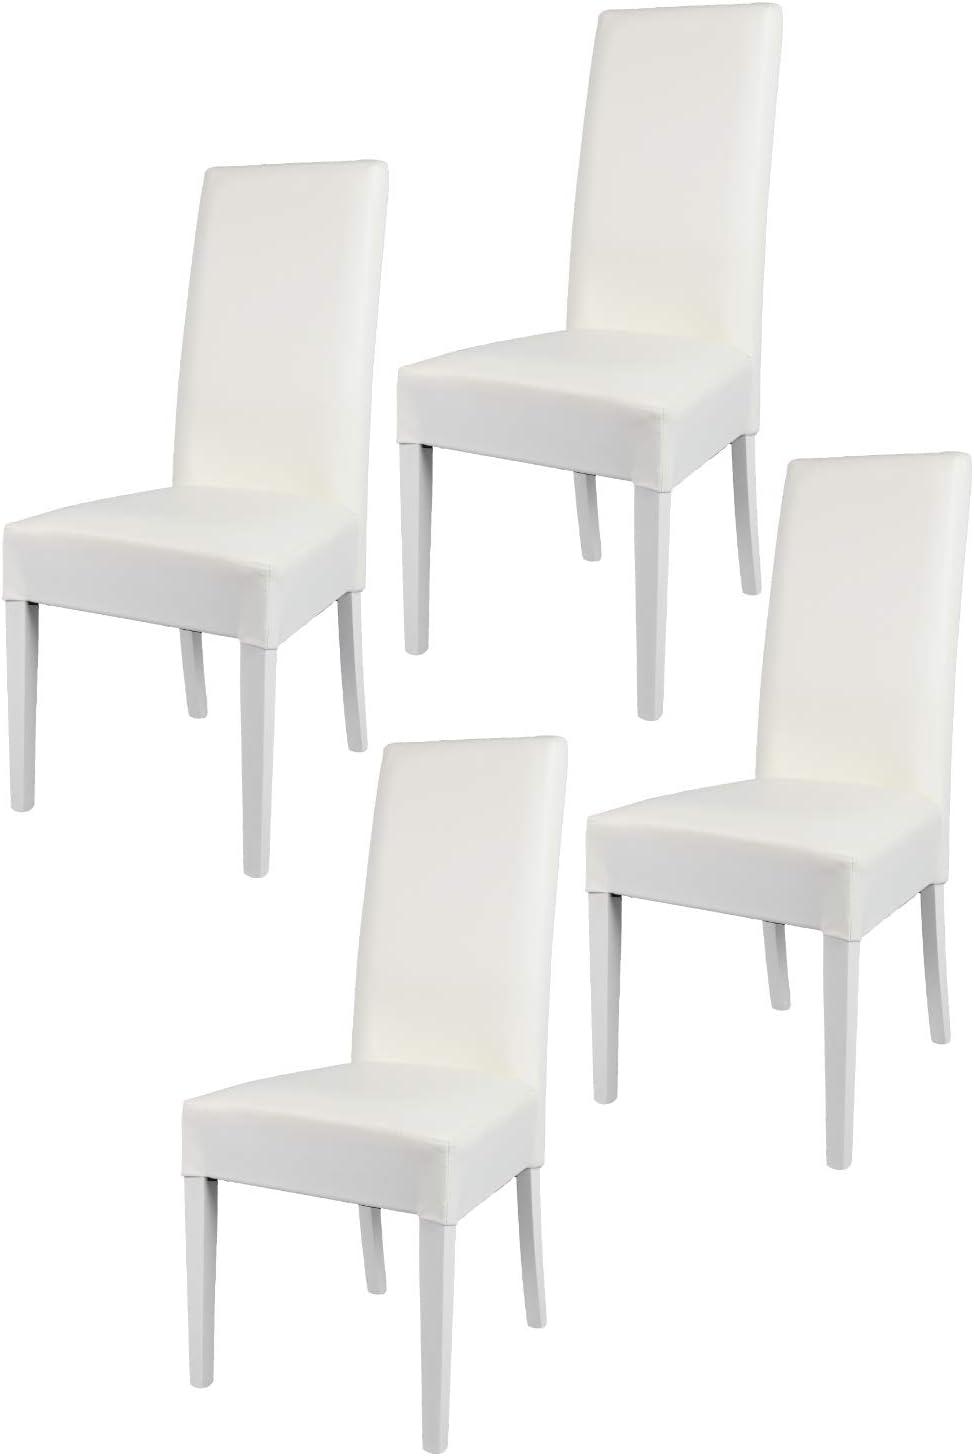 Tommychairs - Set 4 chaises Luisa pour Cuisine